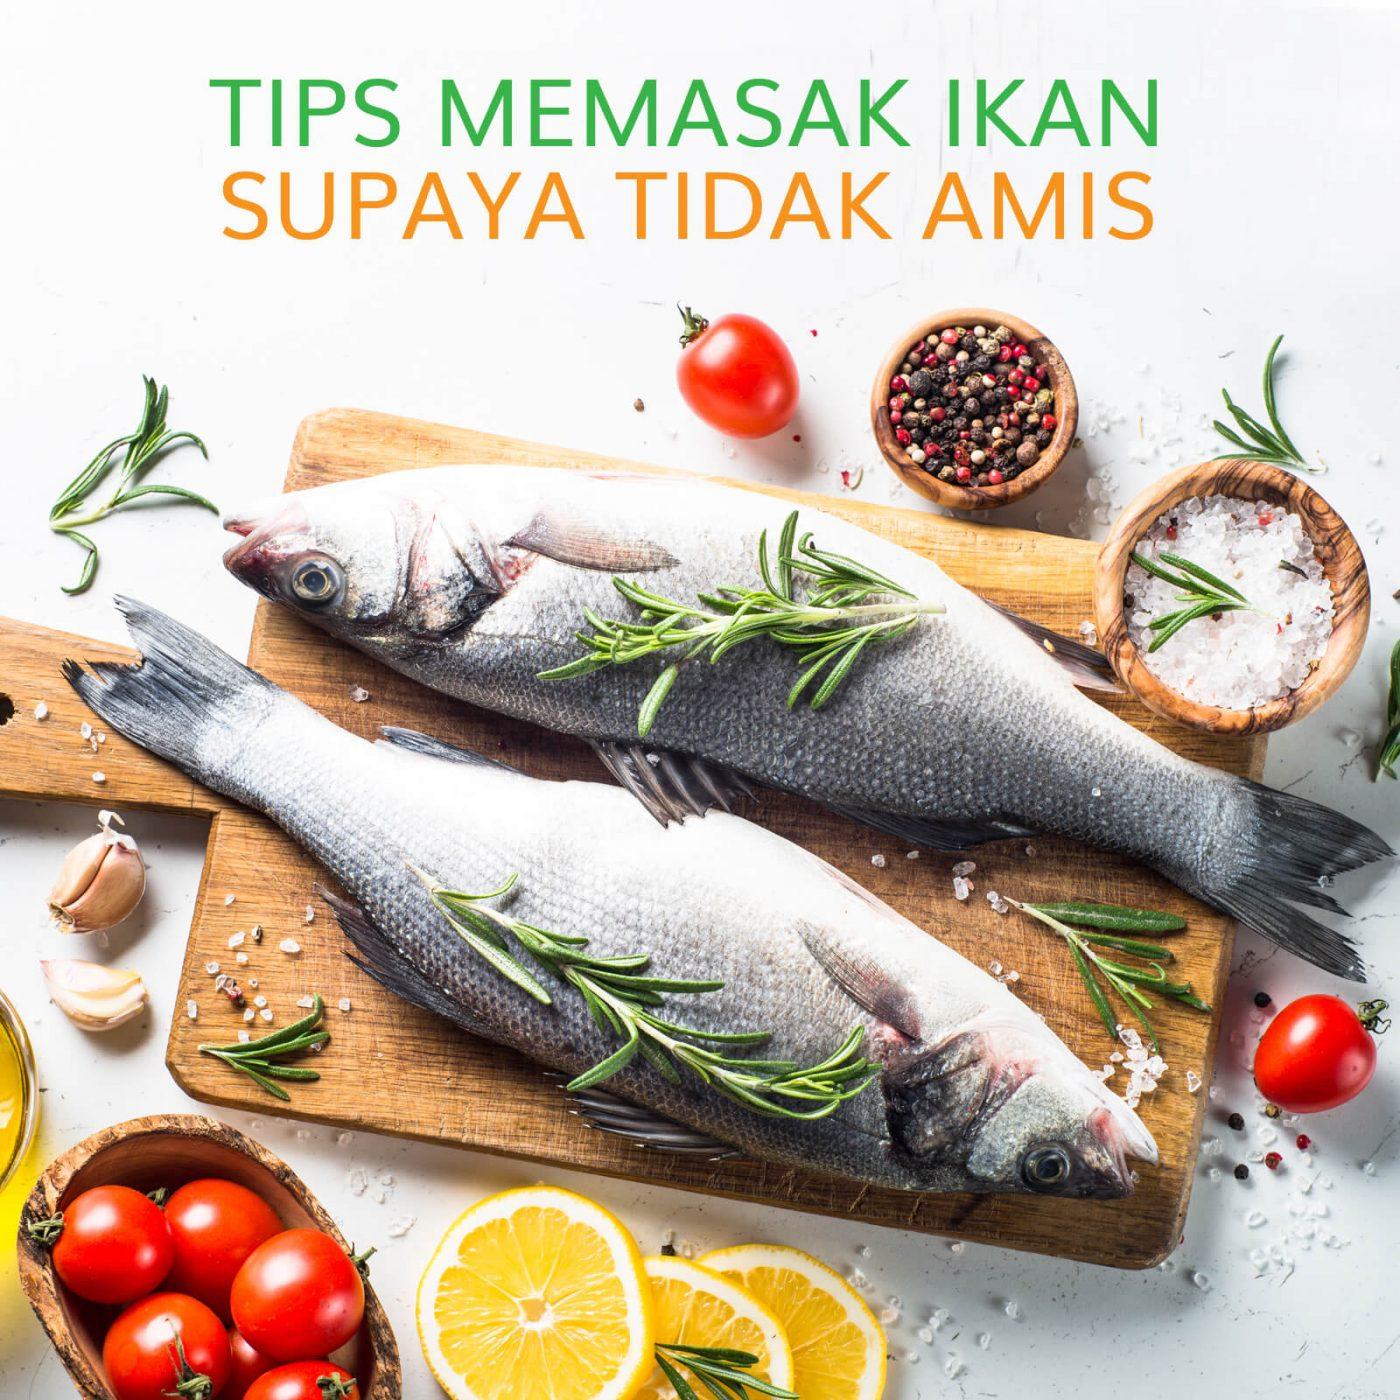 Image TIPS MEMASAK IKAN SUPAYA TIDAK AMIS